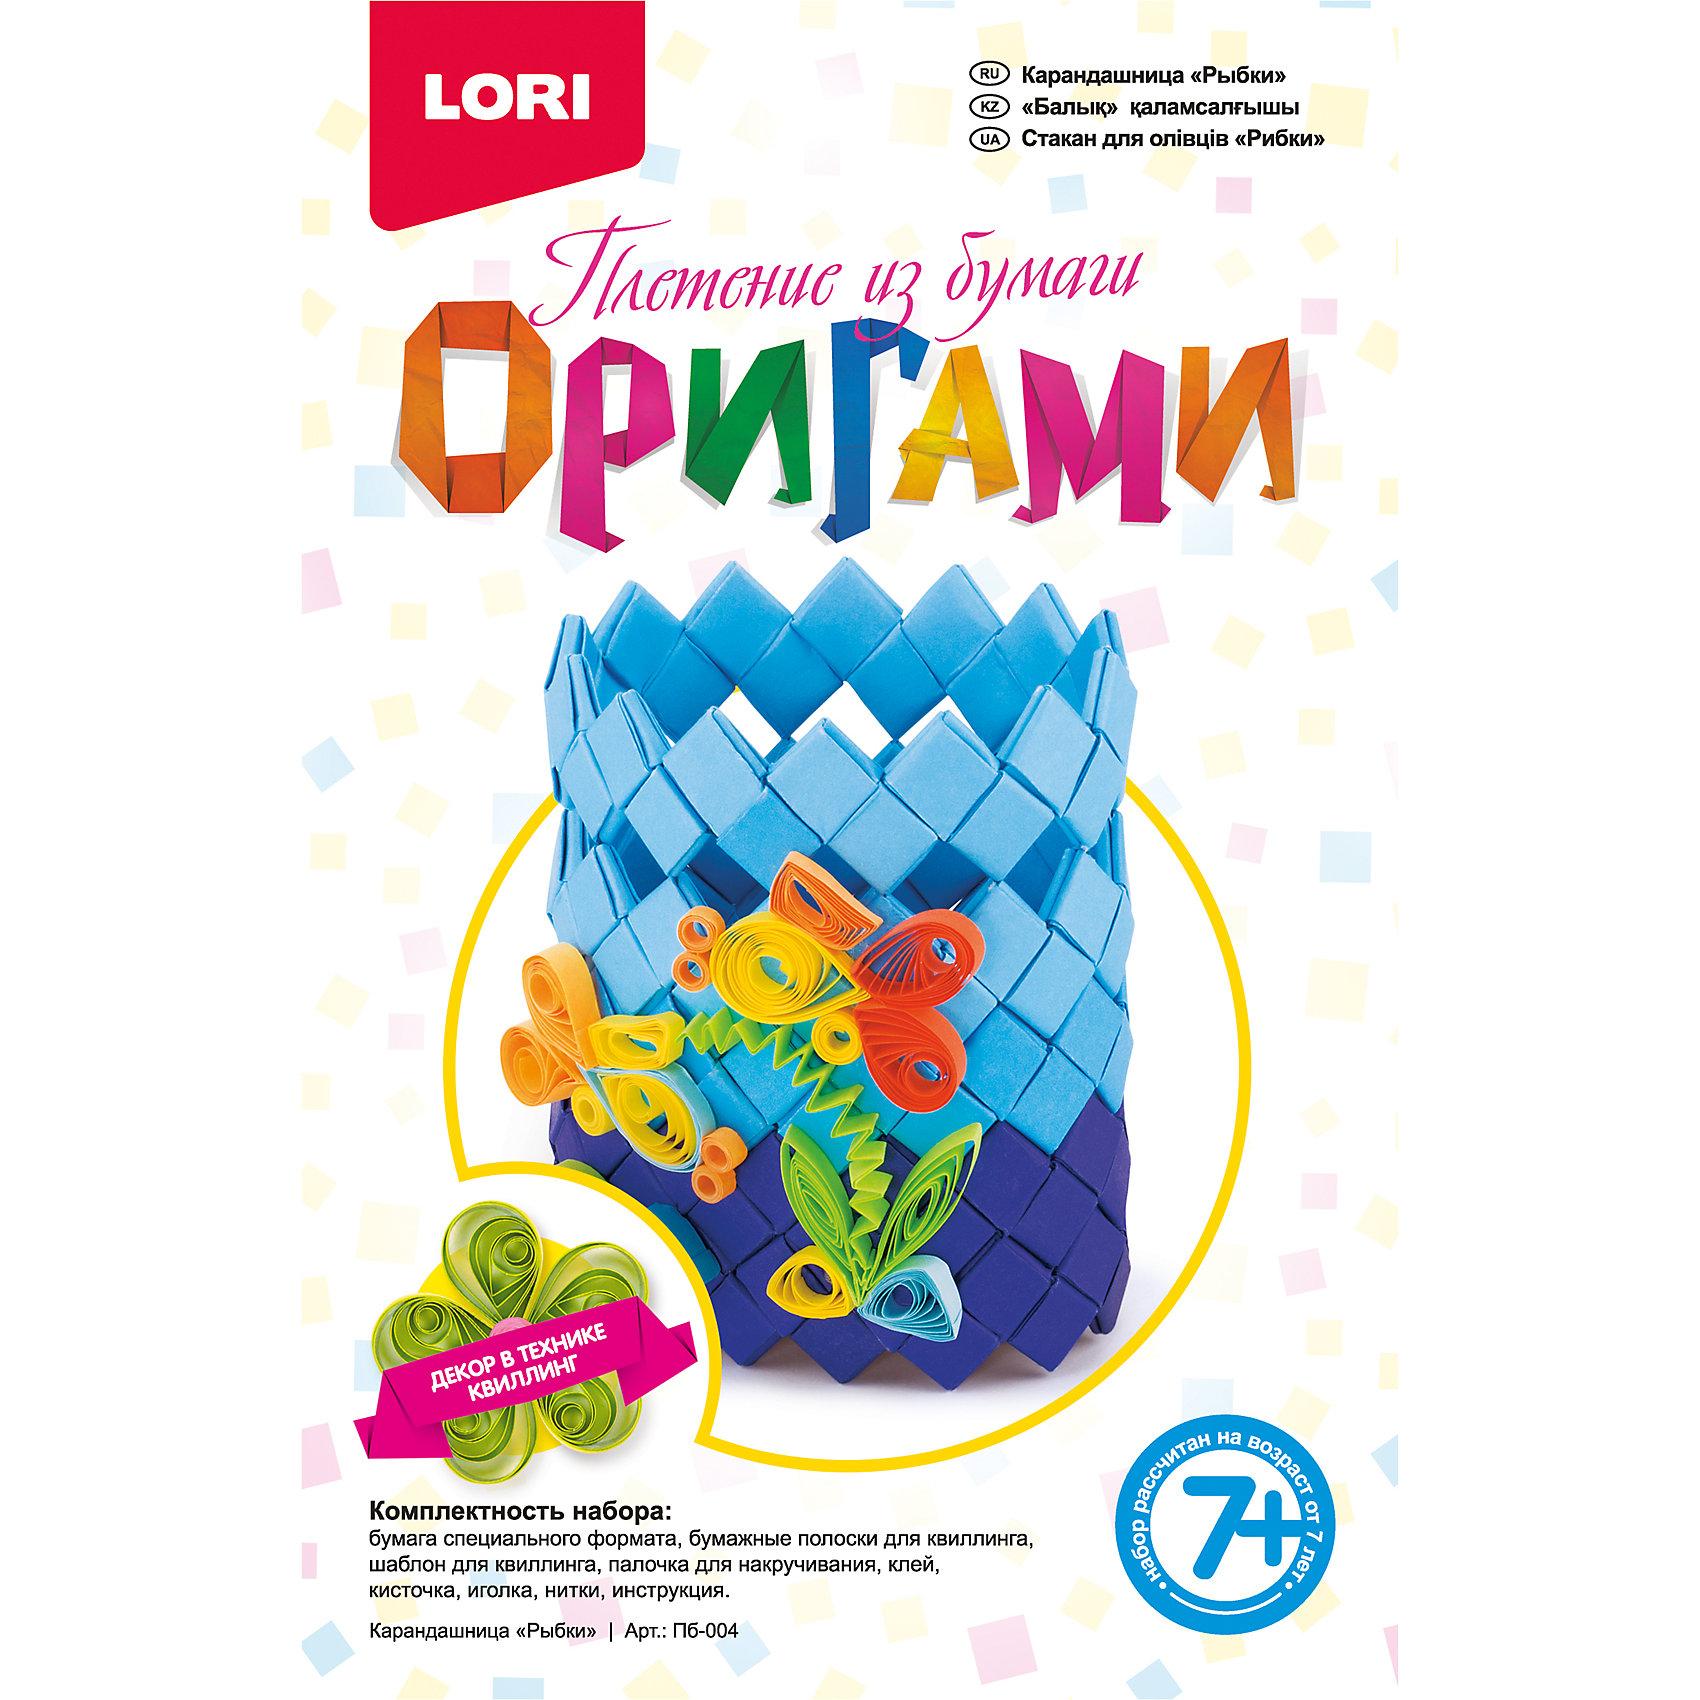 LORI Оригами. Карандашница Рыбки, LORI интернет магазин рыбки в аквариуме